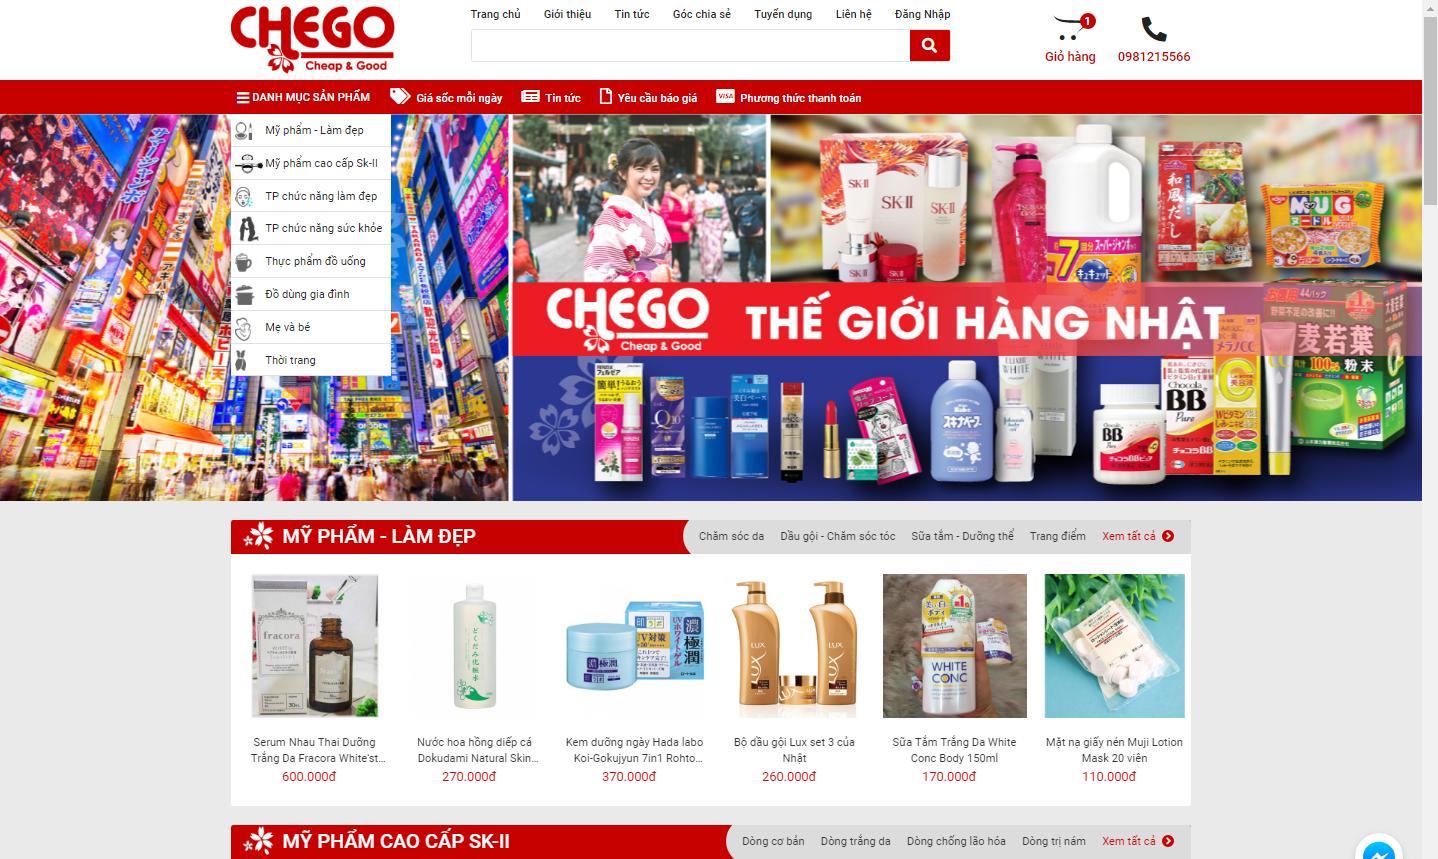 Marketing online với các trang web trở nên khá phổ biến hiện nay.